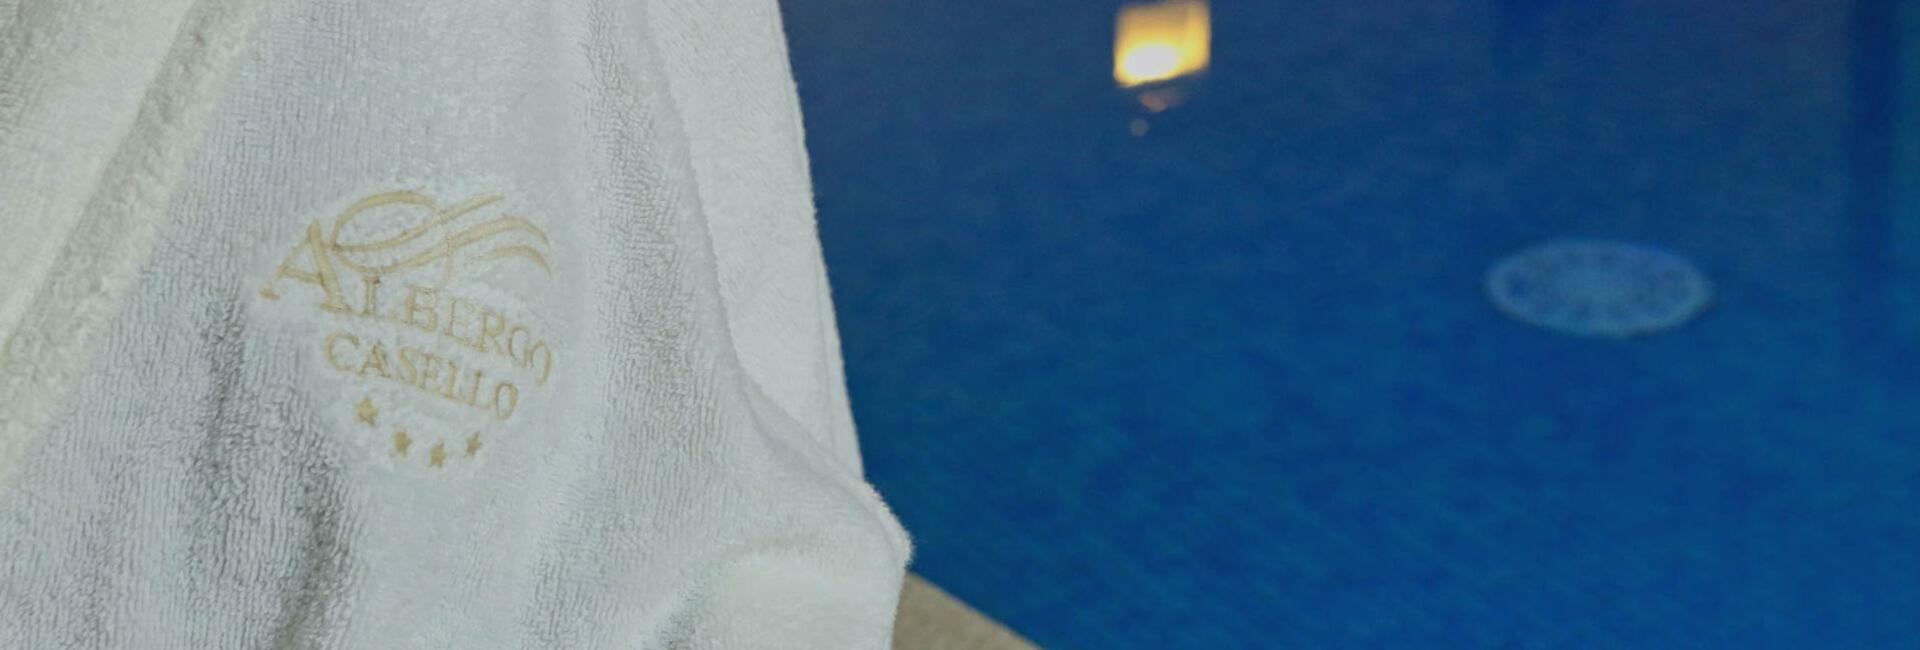 hotelilvecchiocasello en gallery 002